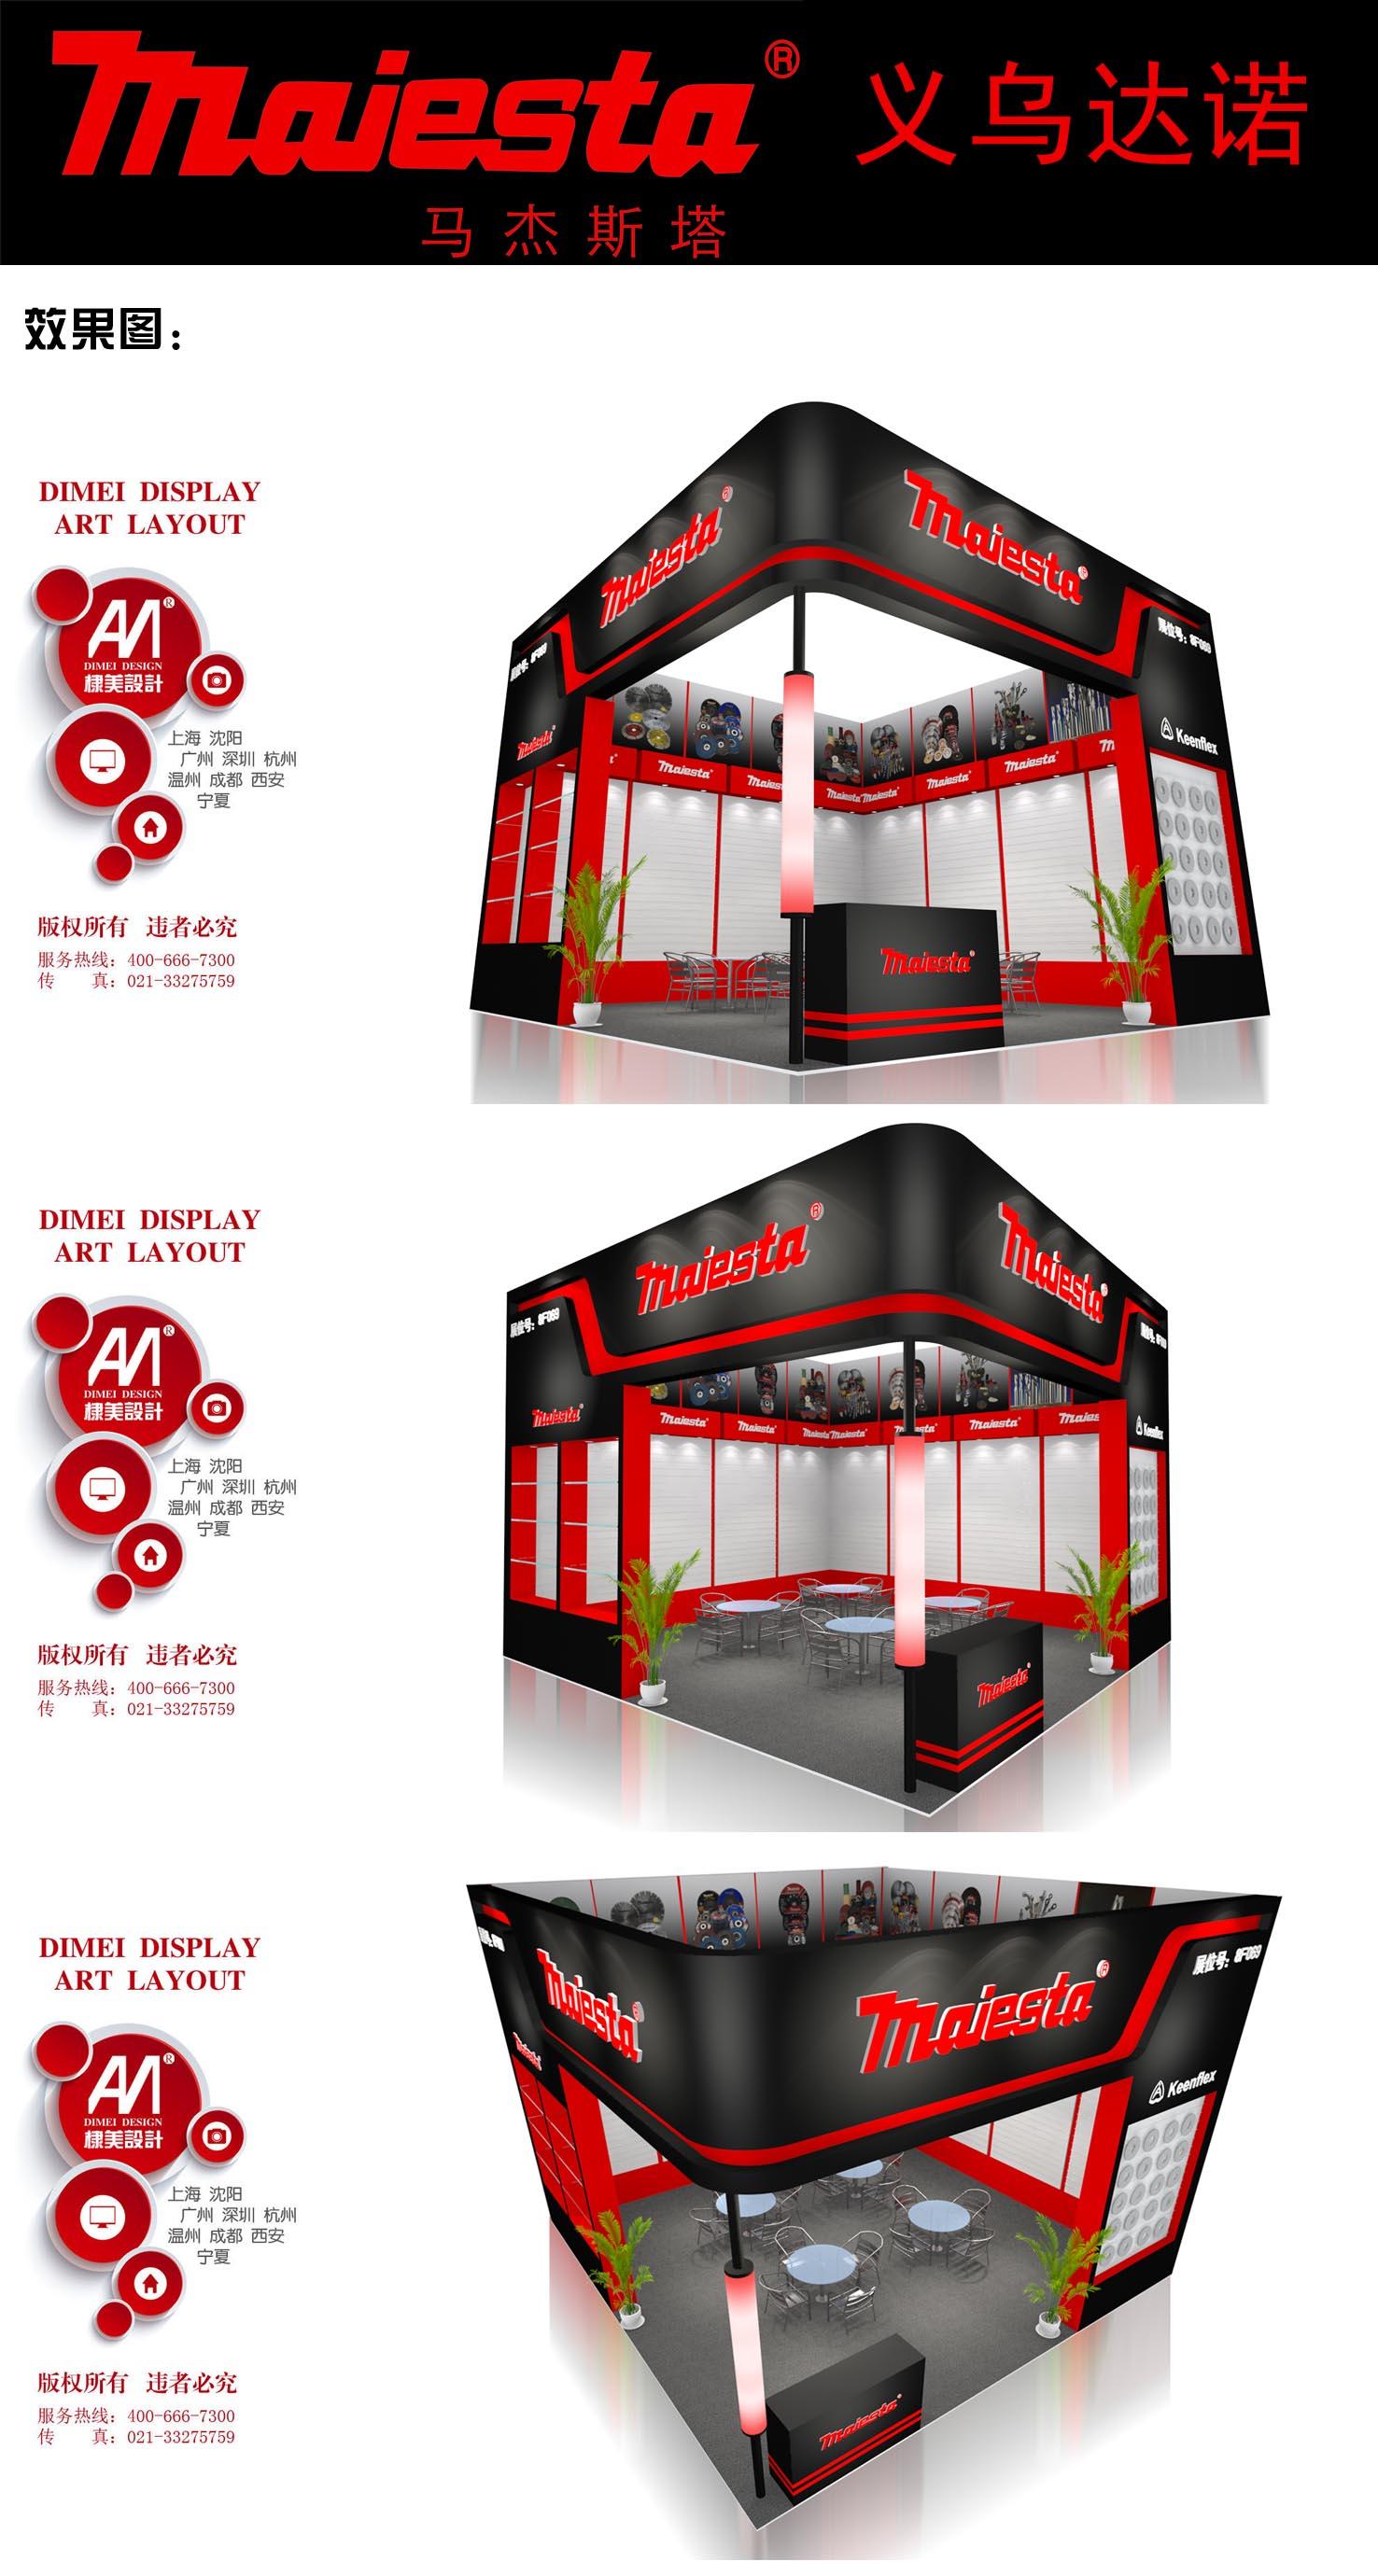 义乌达诺展台设计搭建案例1